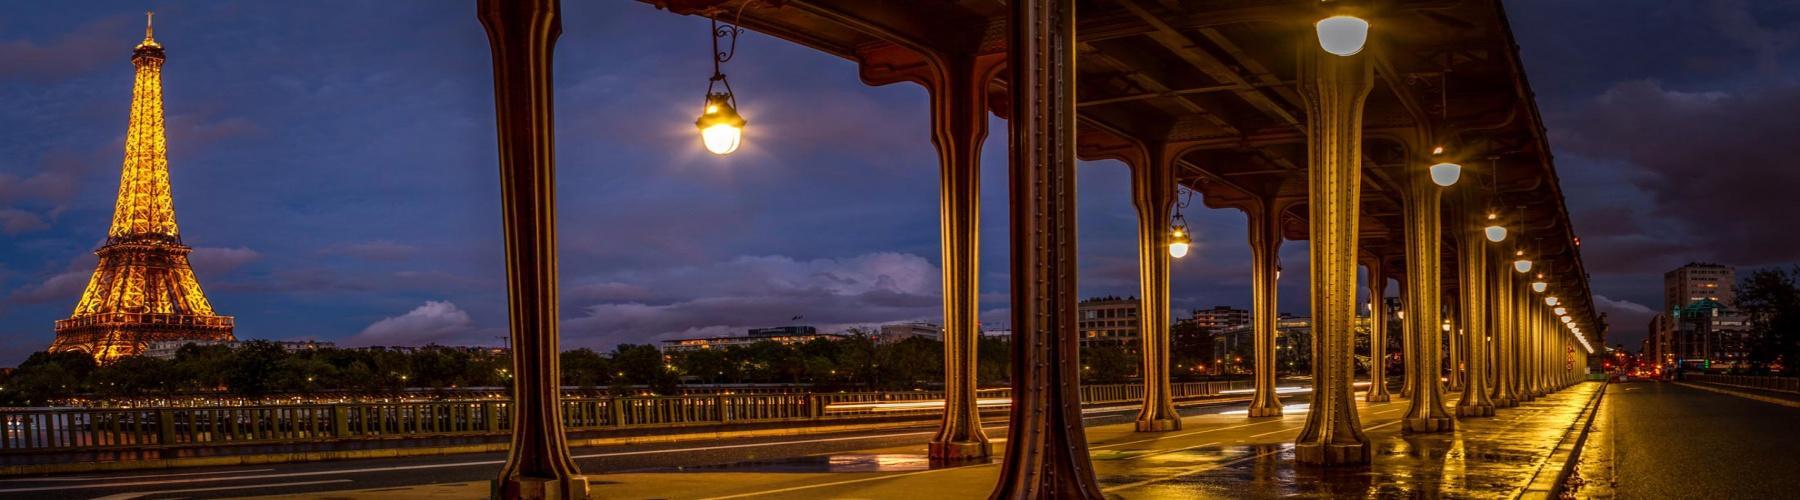 Самостоятельное путешествие во Францию